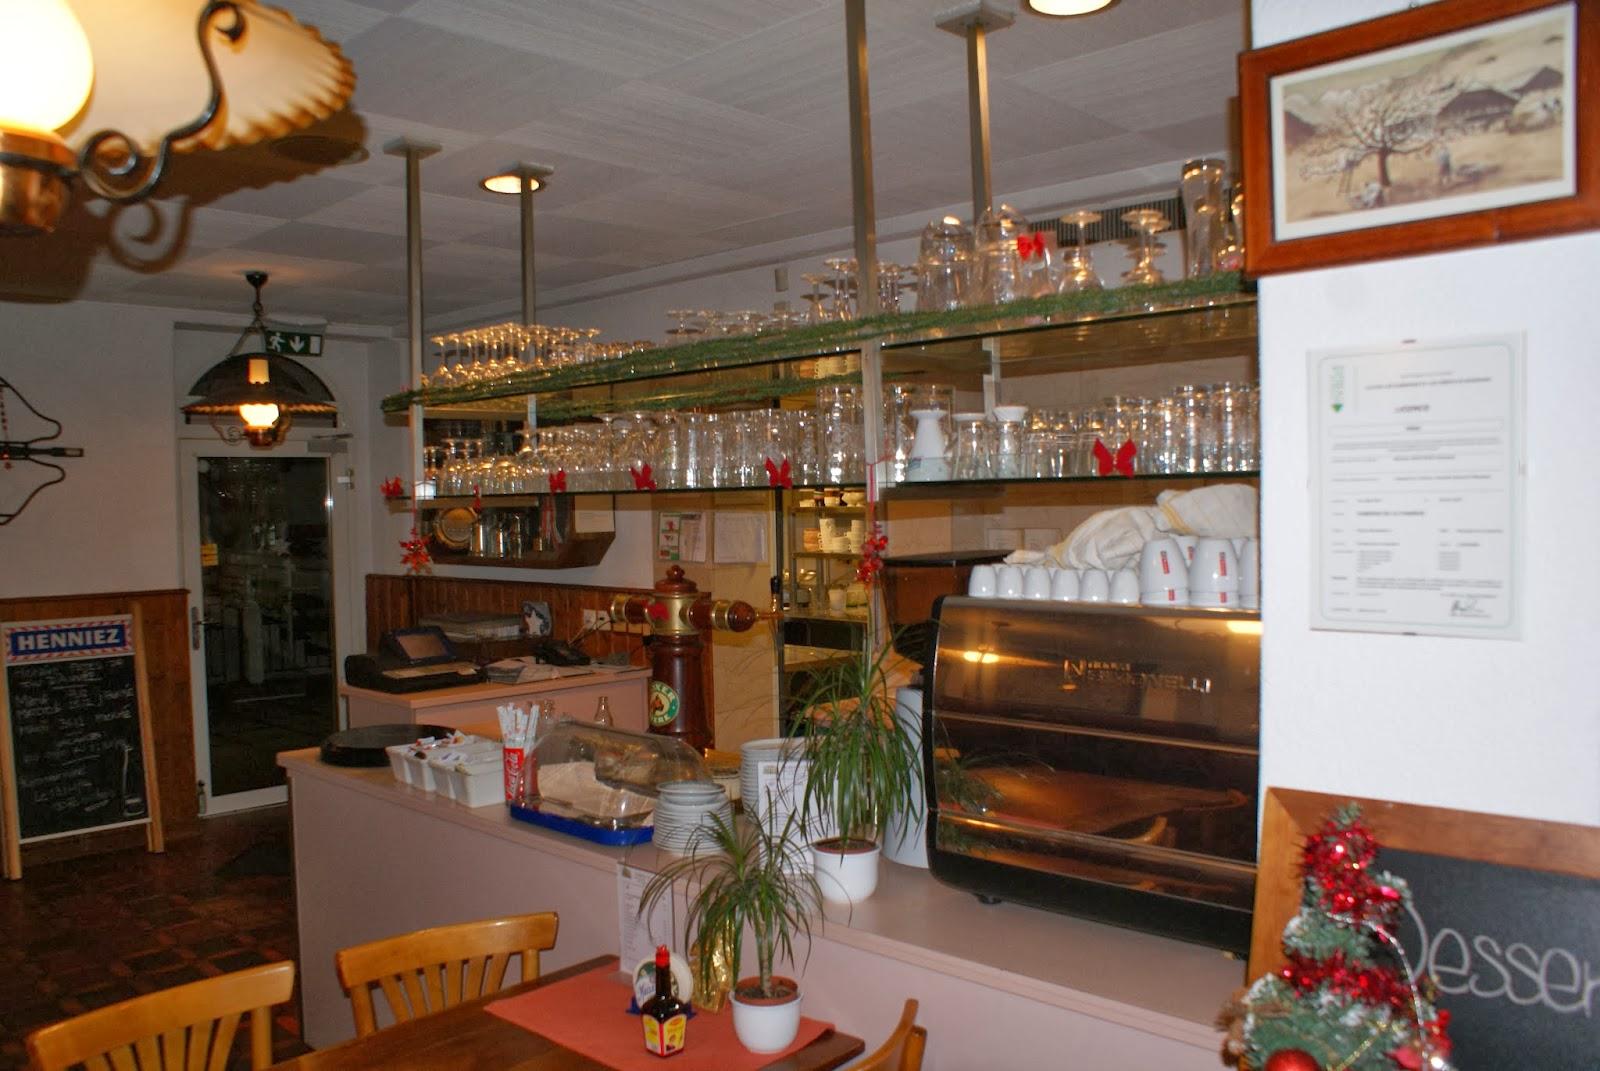 Cours de cuisine marocaine  Molenbeek Saint Jean, Bruxelles  Cours particulier